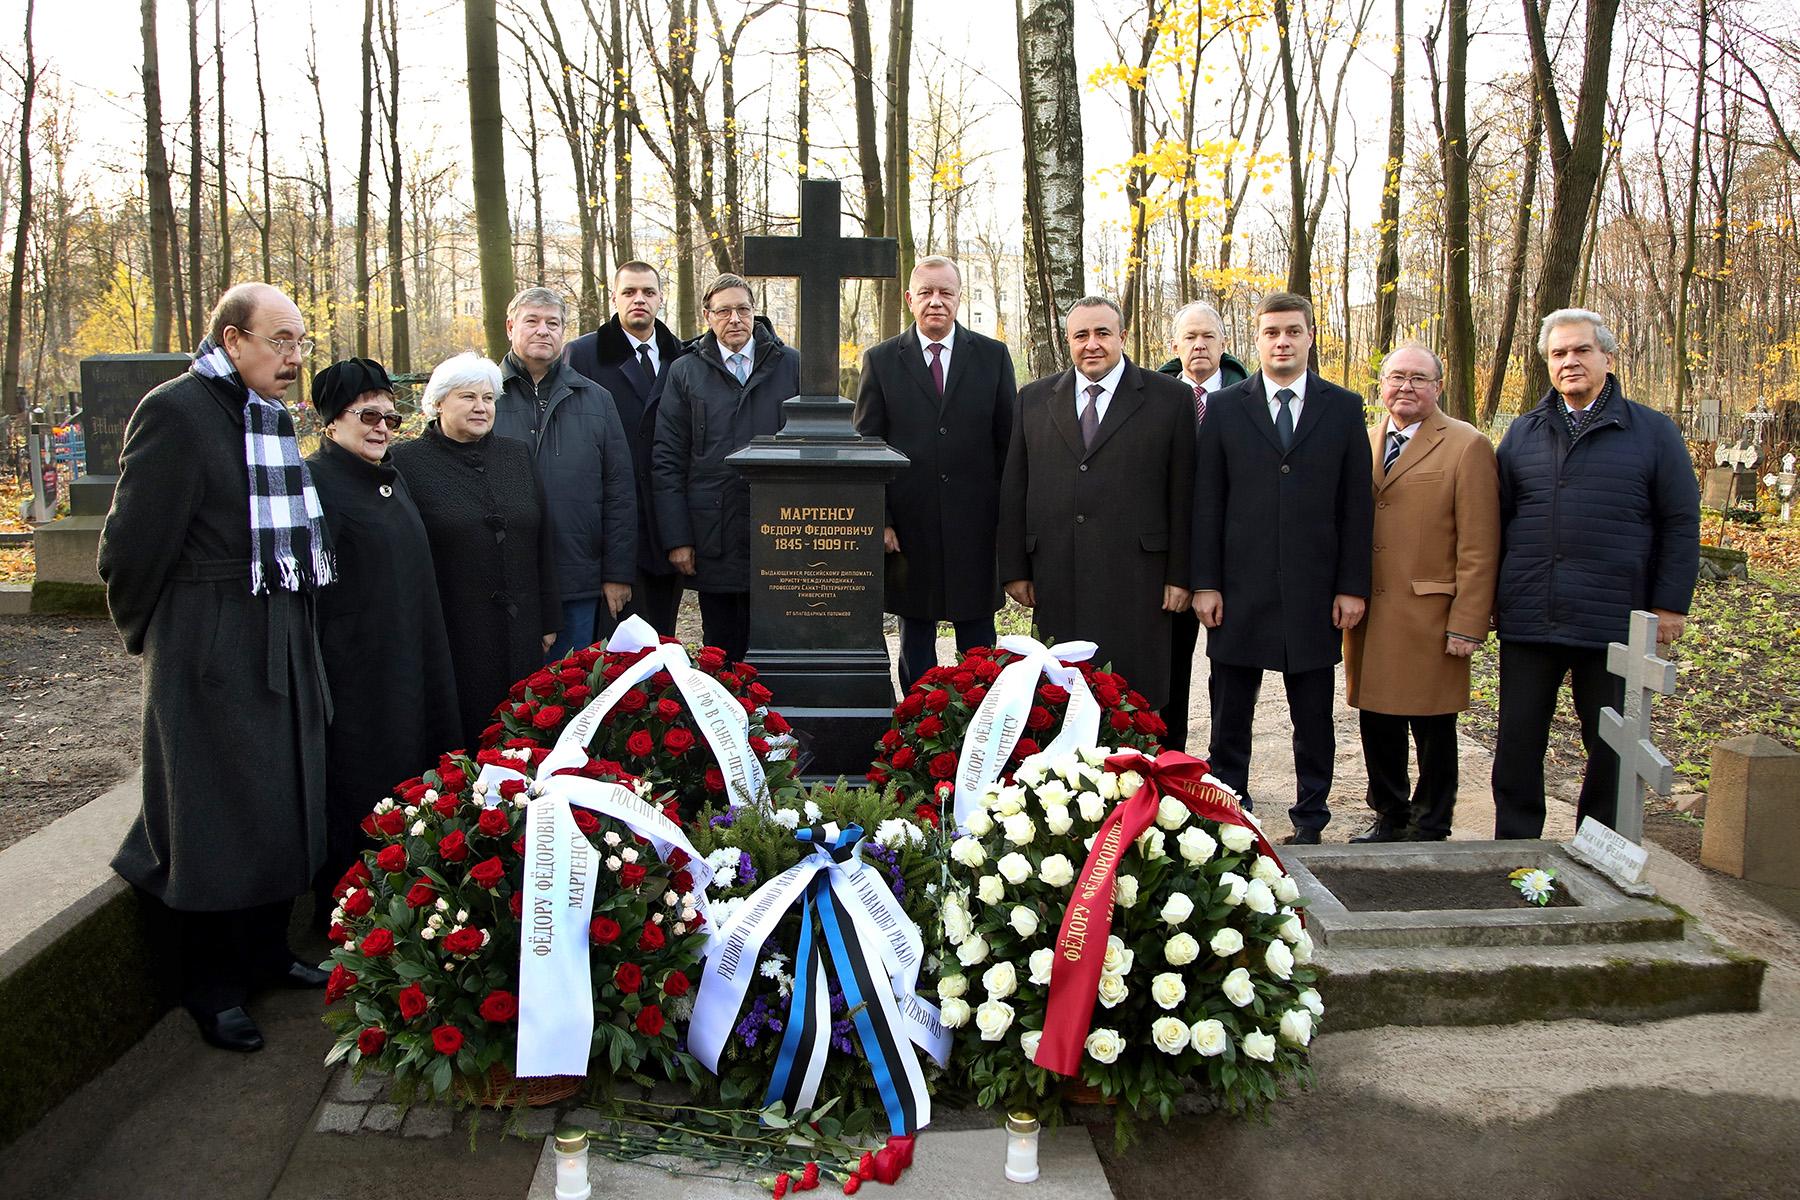 Peterburi Volkovi kalmistul professor Martensile avatud hauatähise juures. Foto Jüri Trei